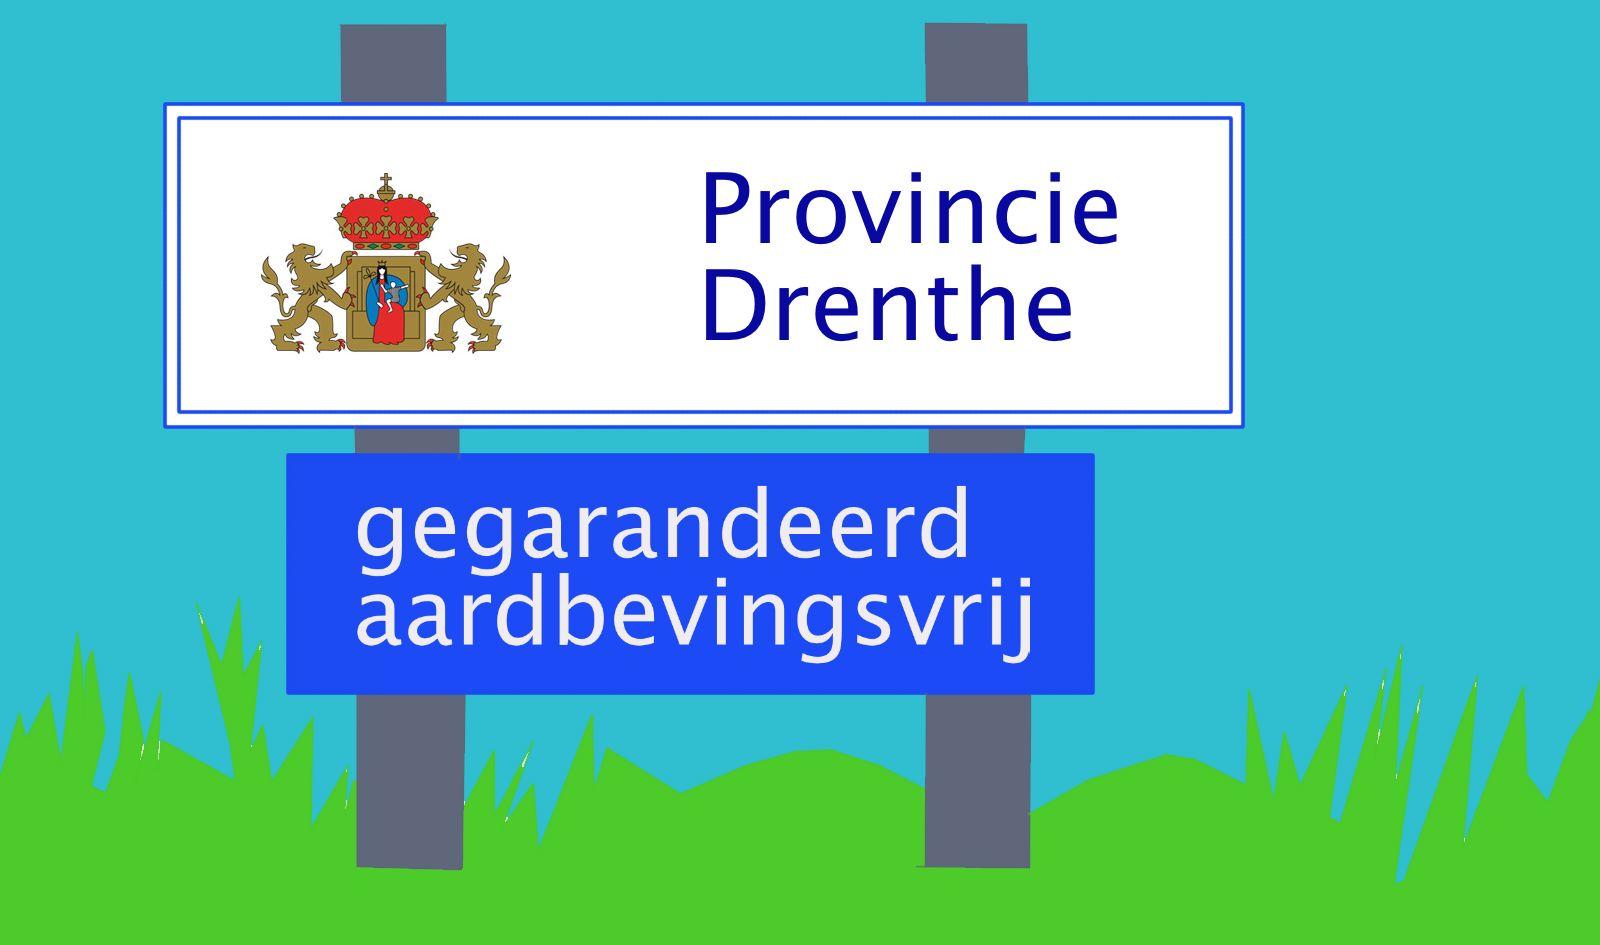 drenthe_aardbeving